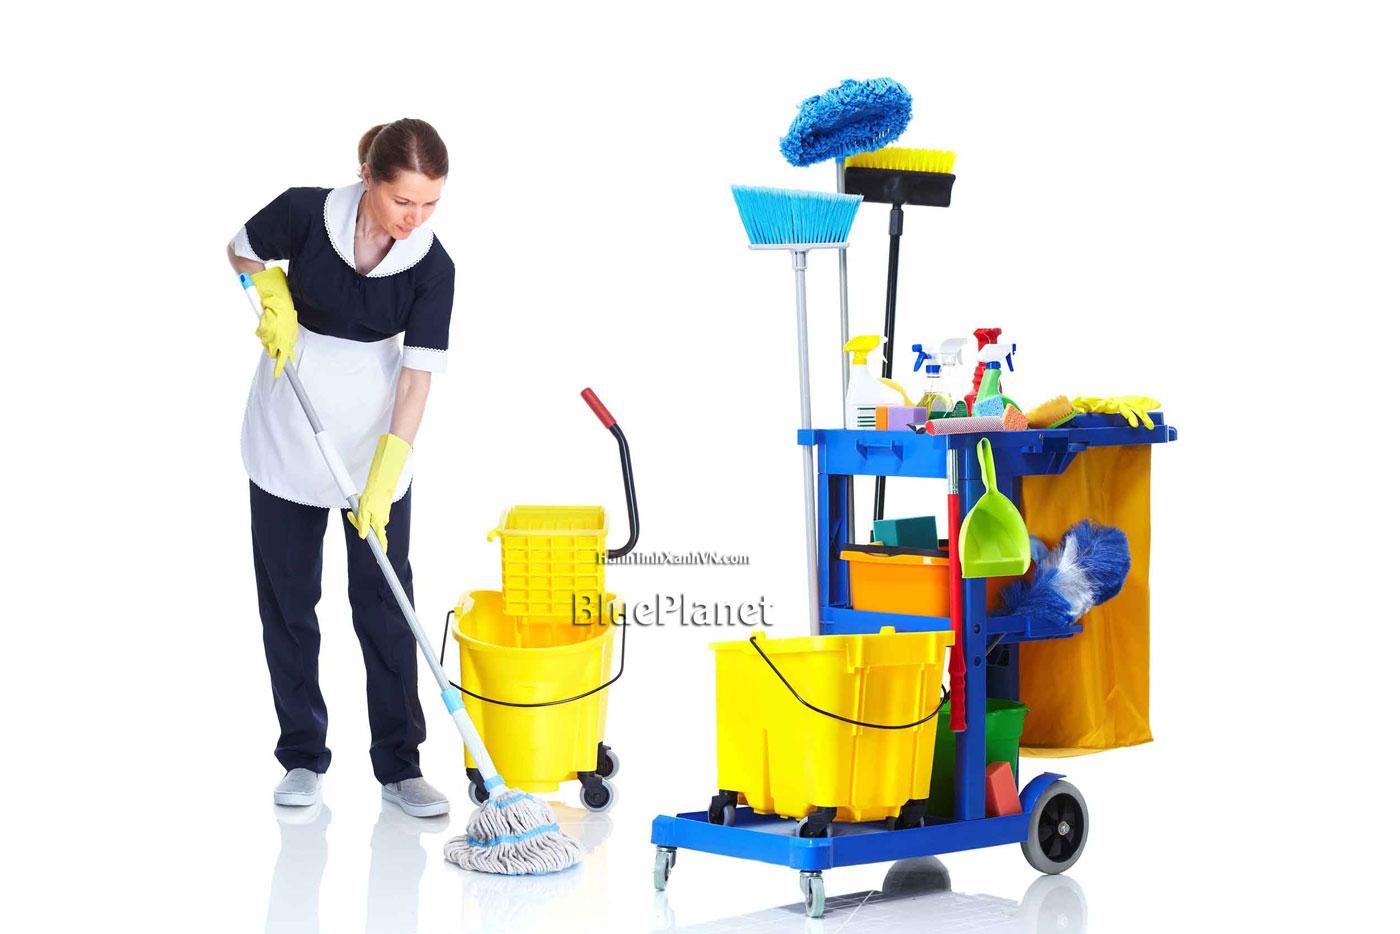 Báo giá bán Dụng cụ làm vệ sinh công nghiệp giá rẻ - BluePlanet 0938.856.733